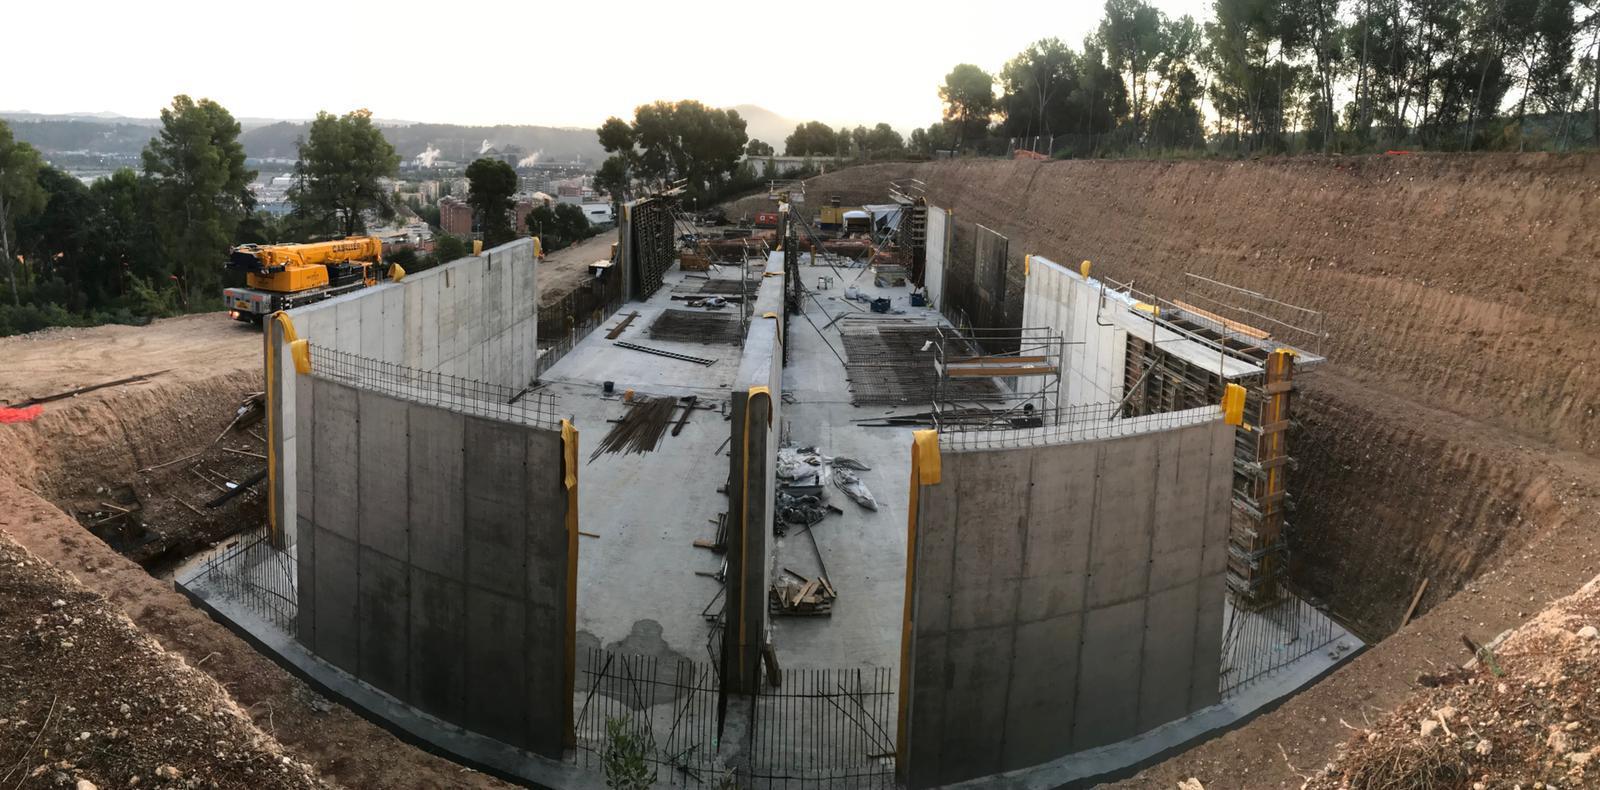 Les obres del nou dipòsit d'aigua estaran enllestides el pròxim estiu